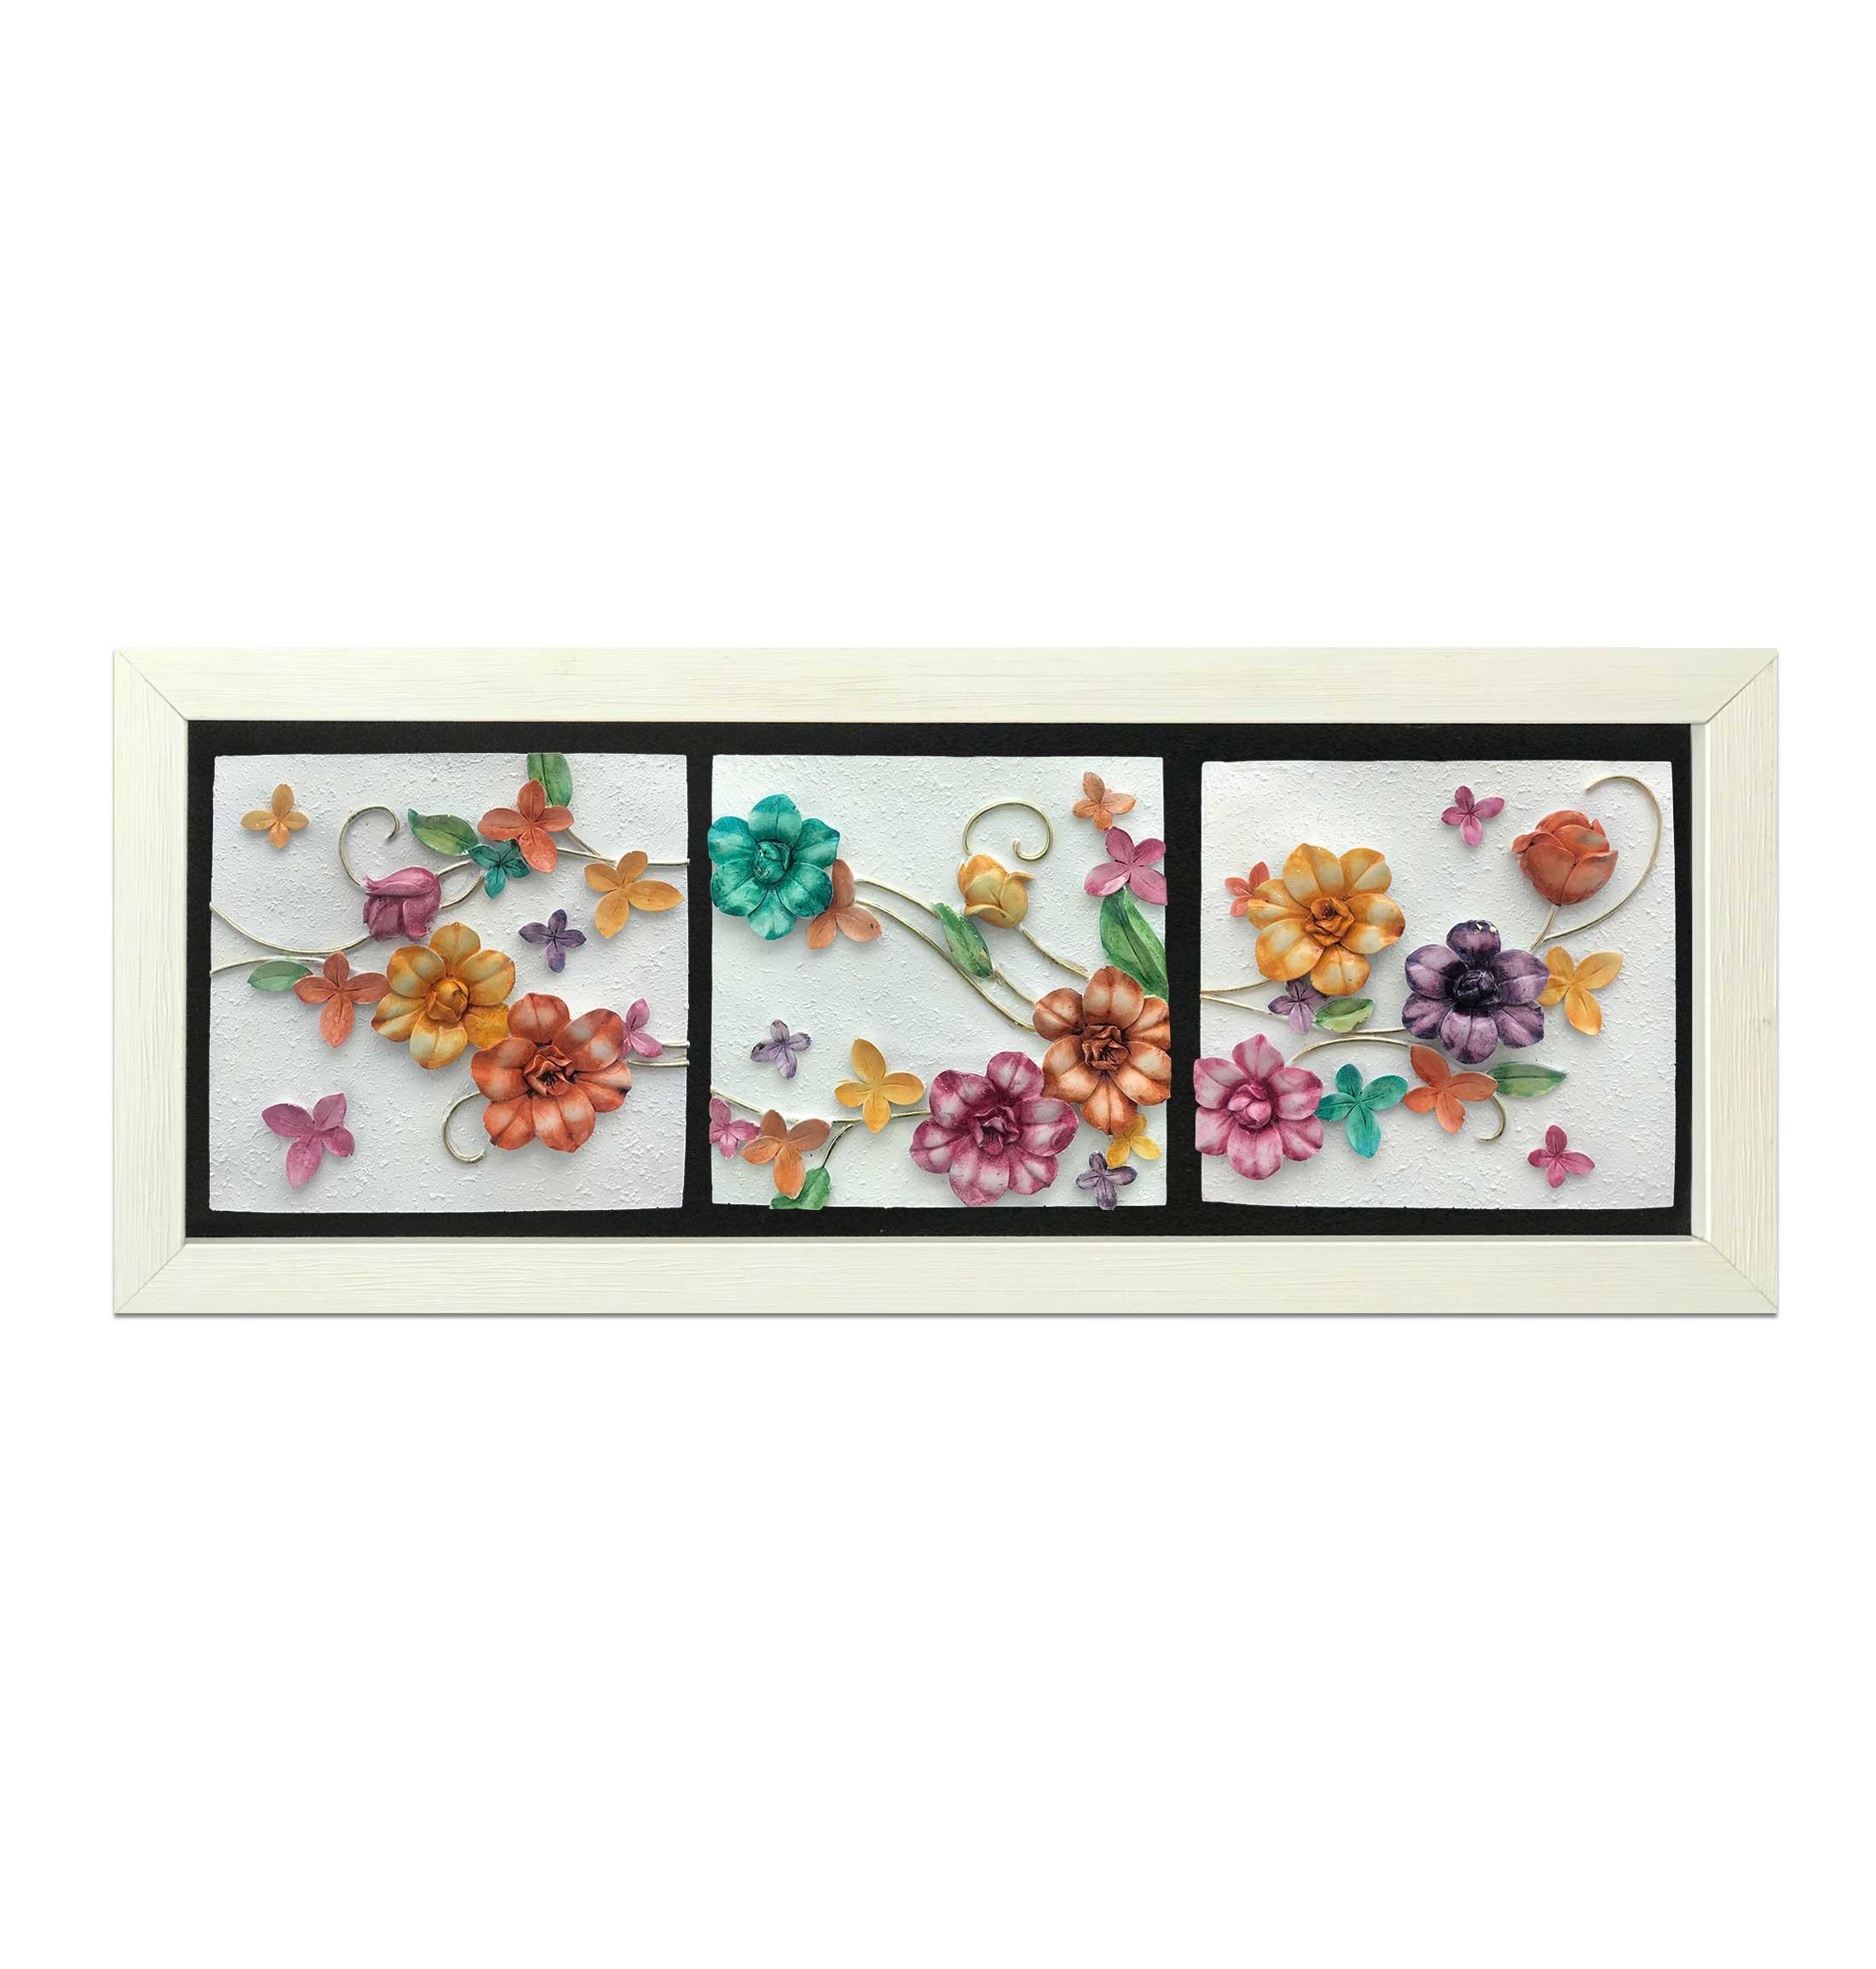 تابلوی گل رنگی 3